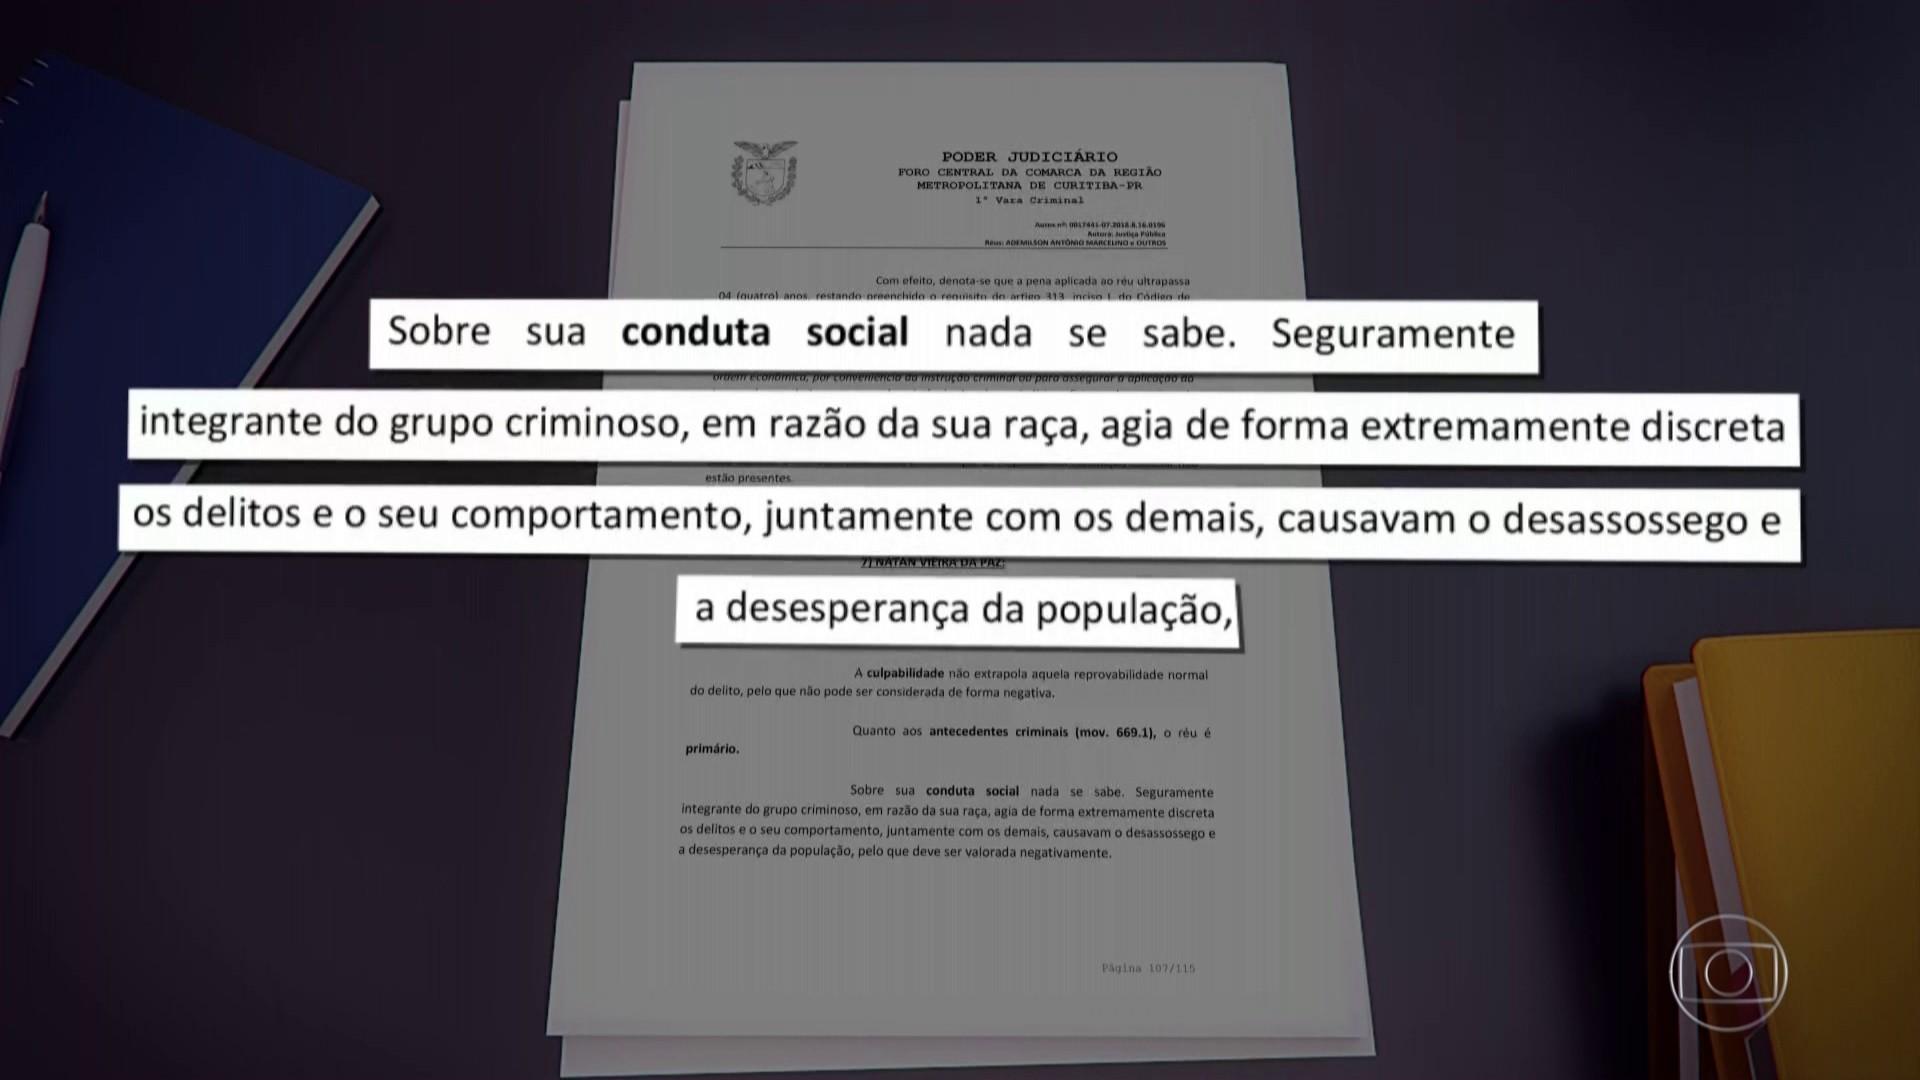 Defensoria Pública anuncia força-tarefa para revisar sentenças de vara criminal em que juíza citou raça ao condenar réu negro